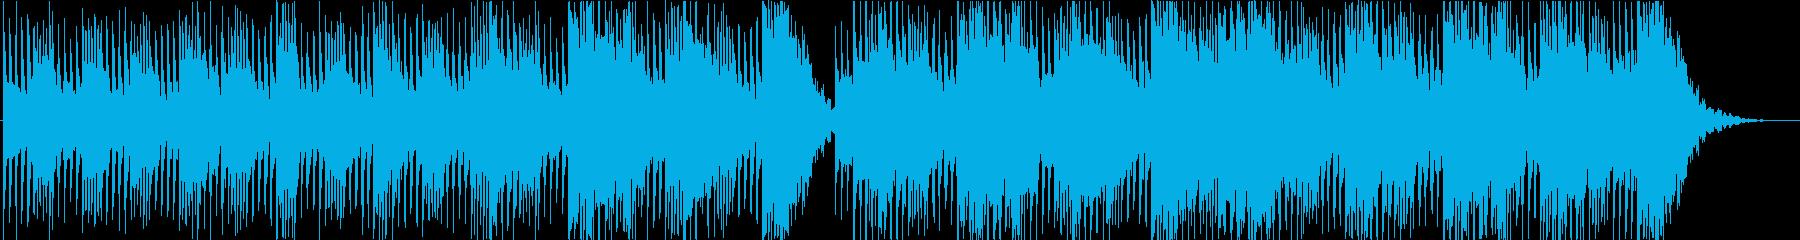 アップテンポな和太鼓乱れ打ち 締太鼓 鼓の再生済みの波形